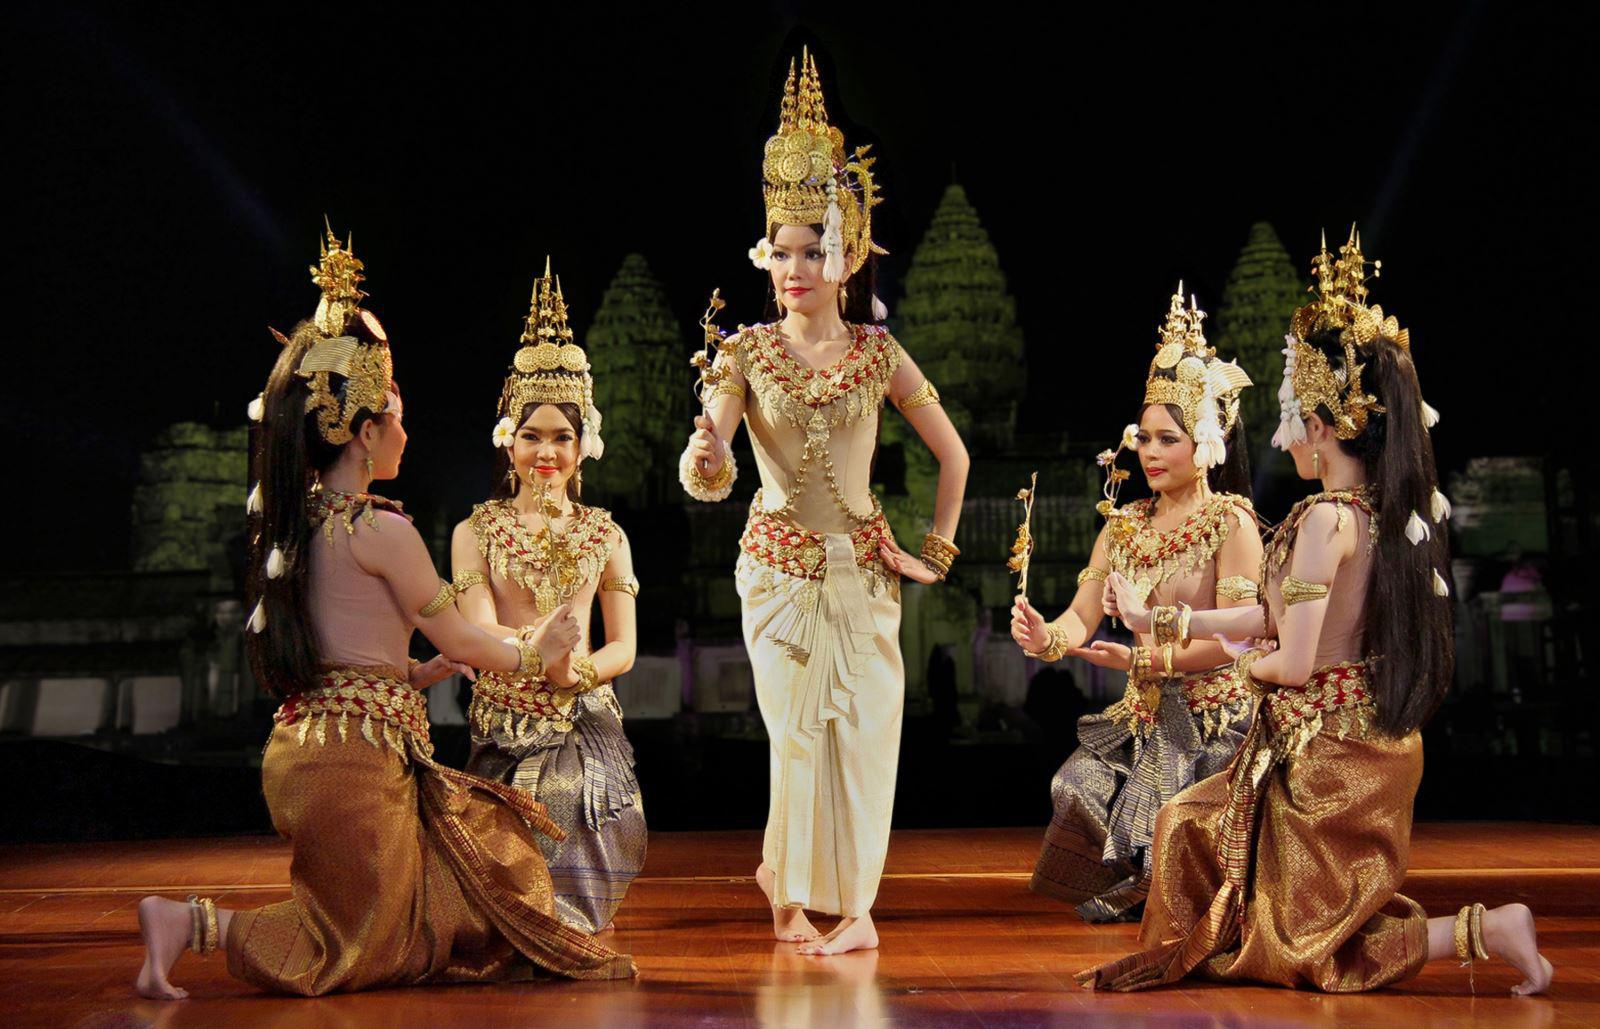 Tuần Văn hóa Campuchia năm 2019 sẽ diễn ra tại Cần Thơ - Ảnh 1.